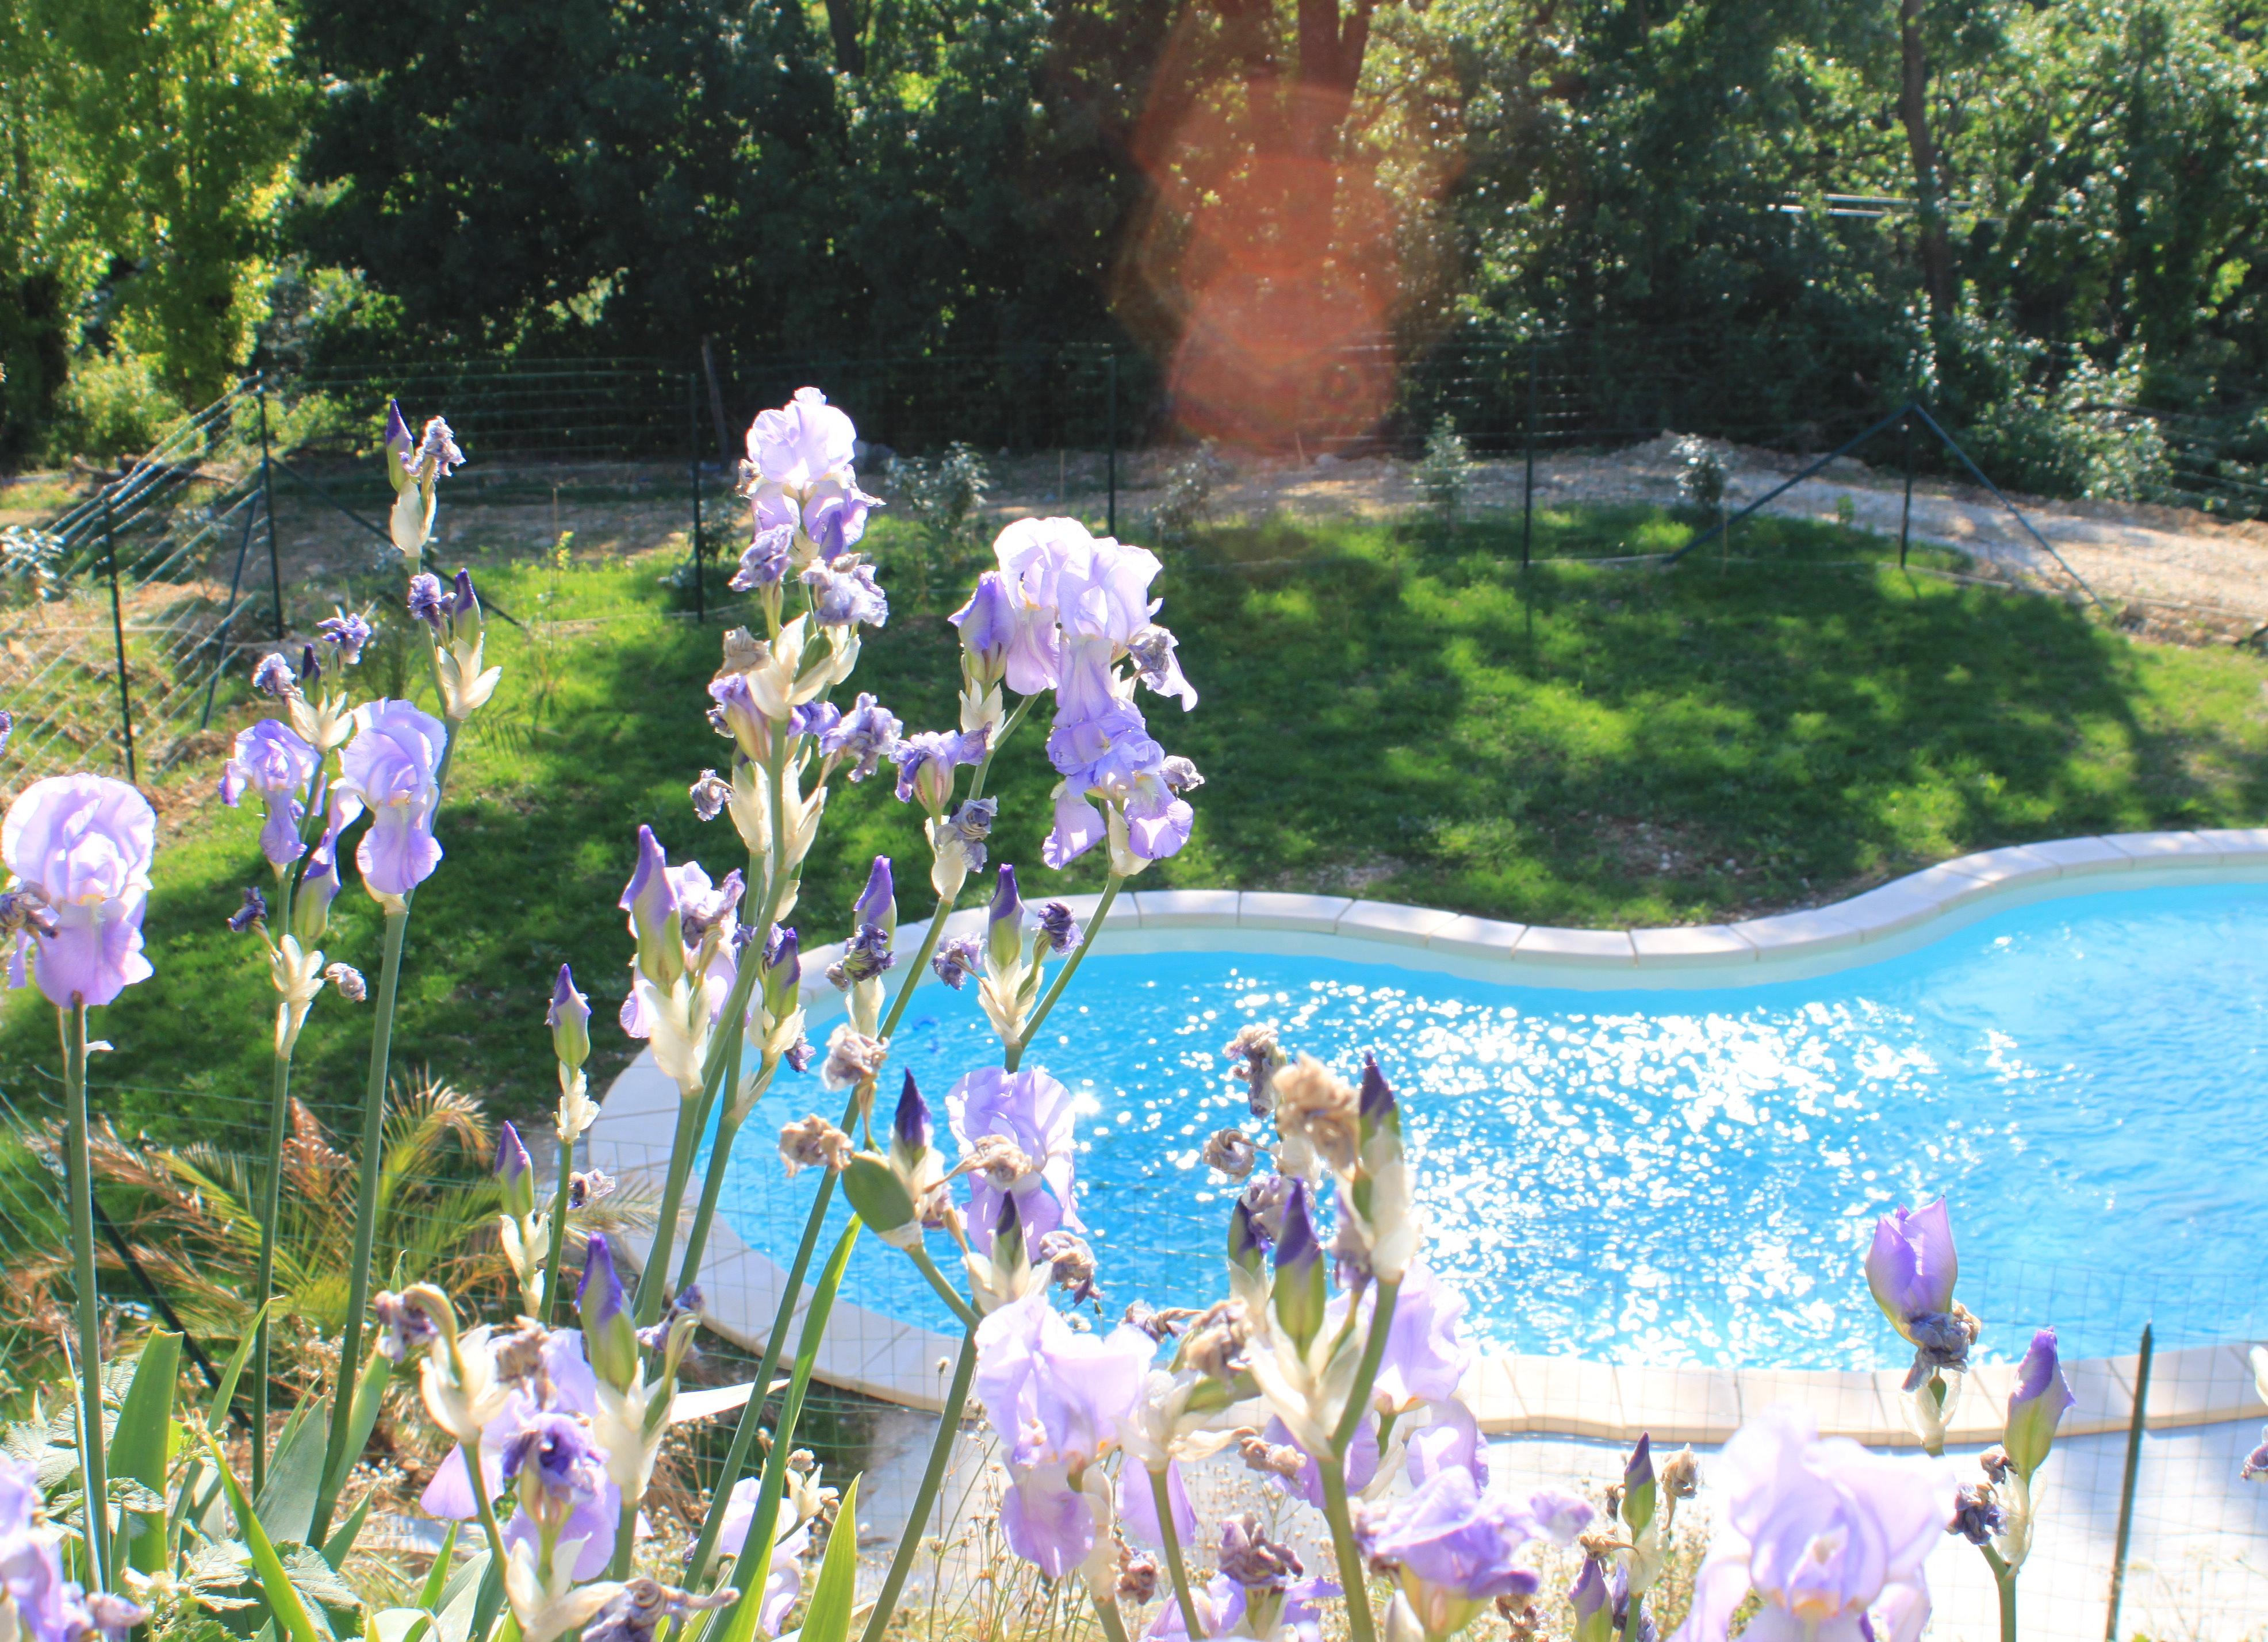 Les vergers de la bouligaire g tes chambre d 39 h te avec - Chambre d hote dans la drome avec piscine ...